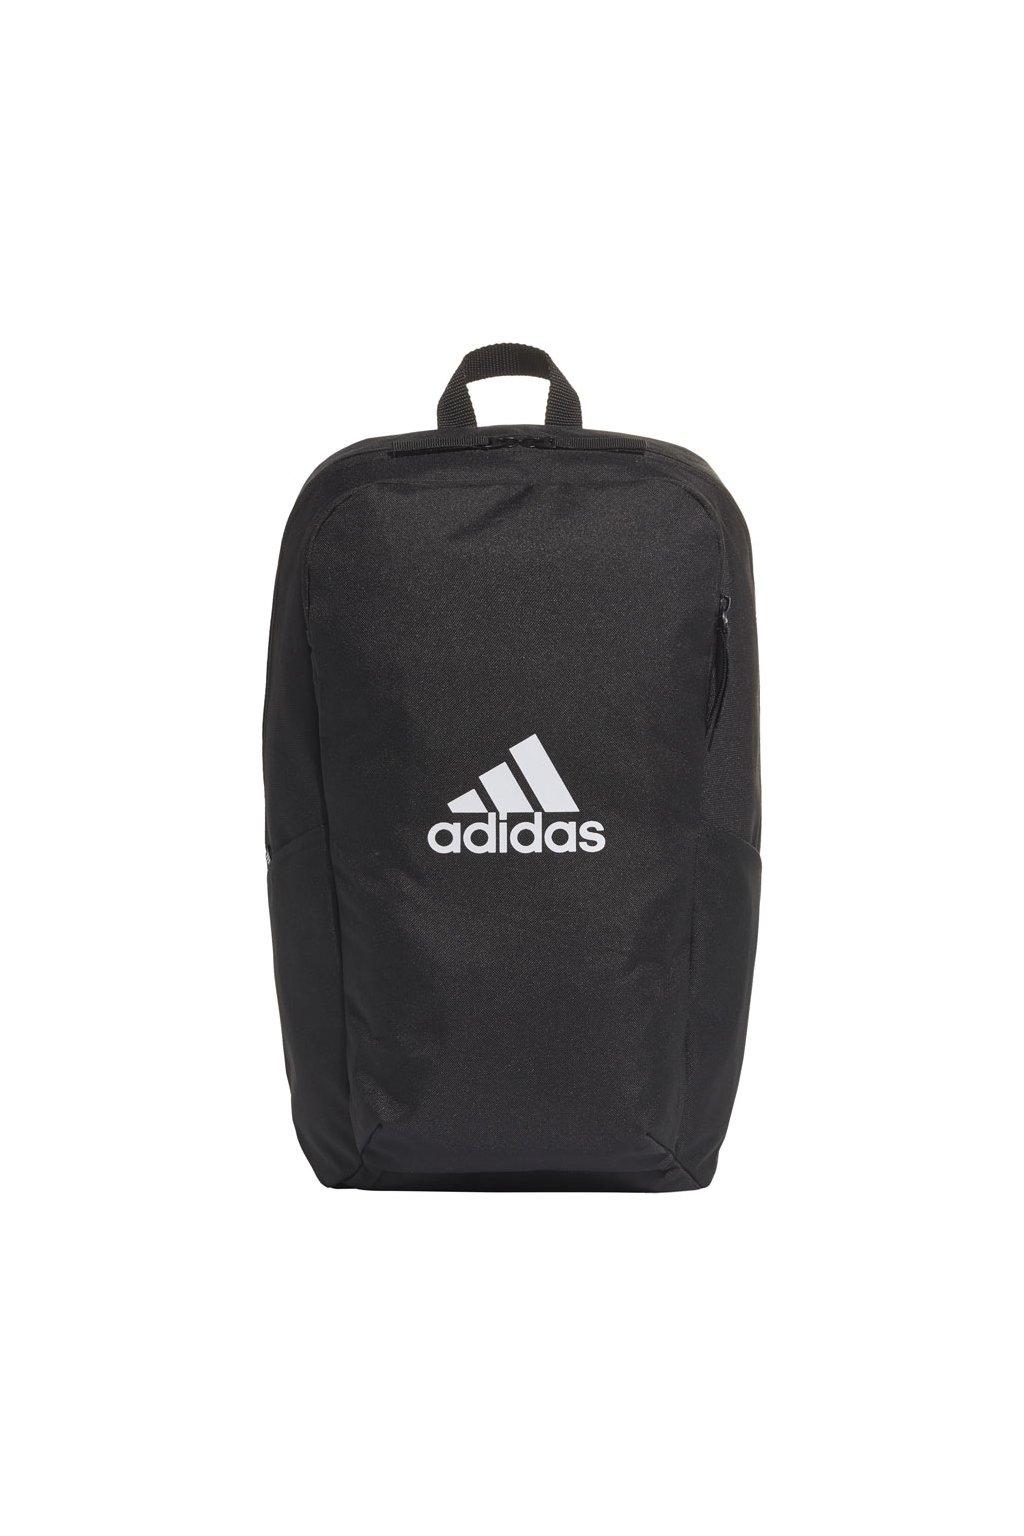 Batoh adidas Parkhood čierny DZ9020